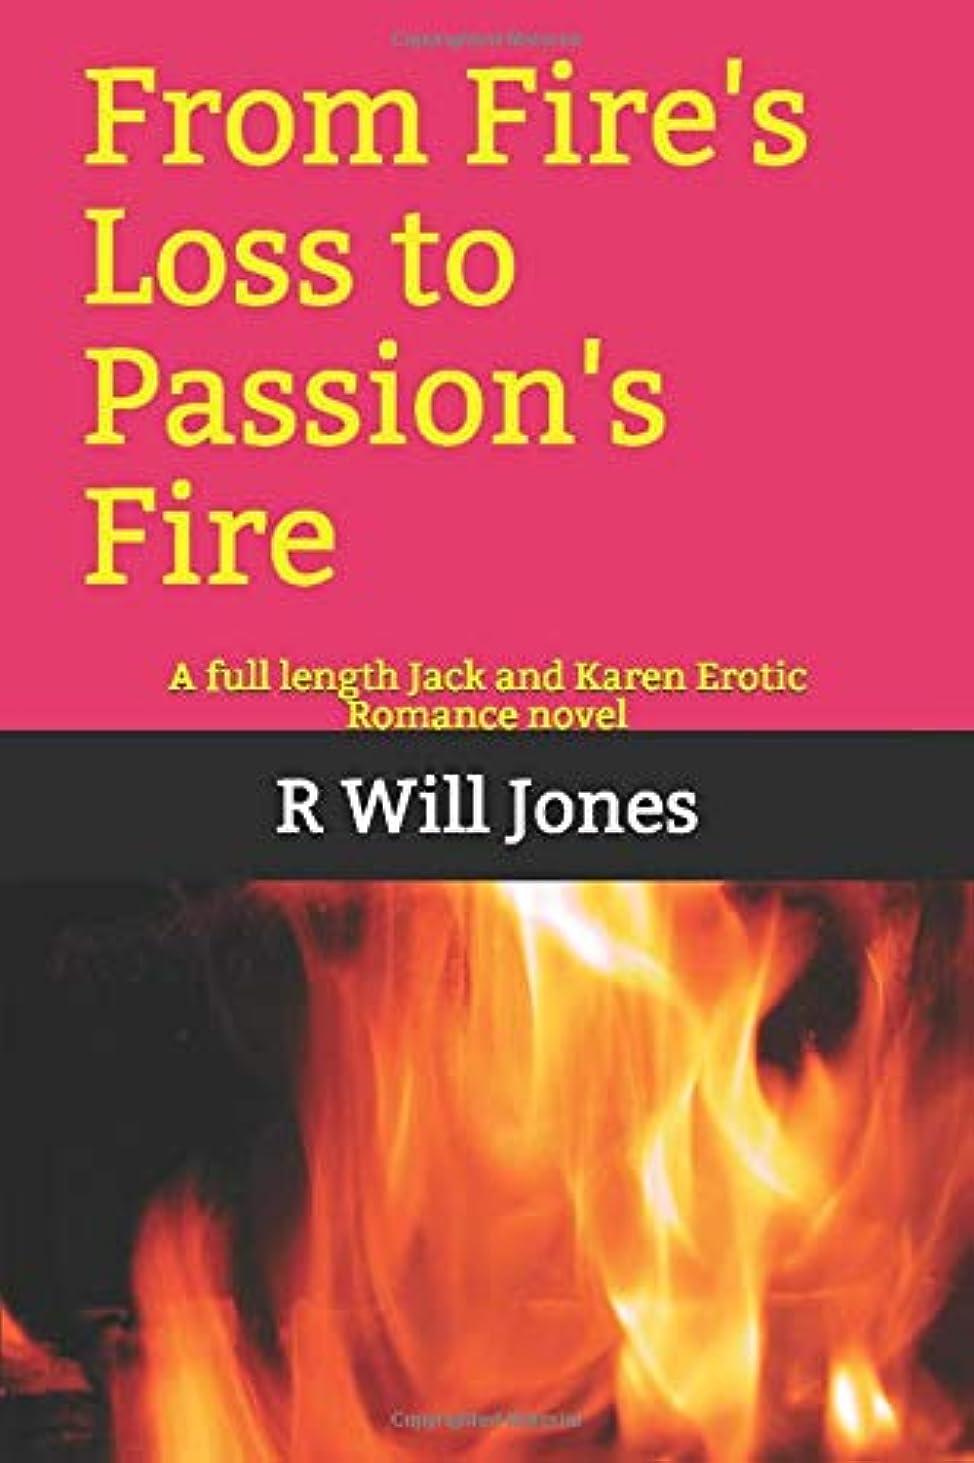 横に消毒する速報From Fire's Loss to Passion's Fire: A full length Jack and Karen Erotic Romance novel